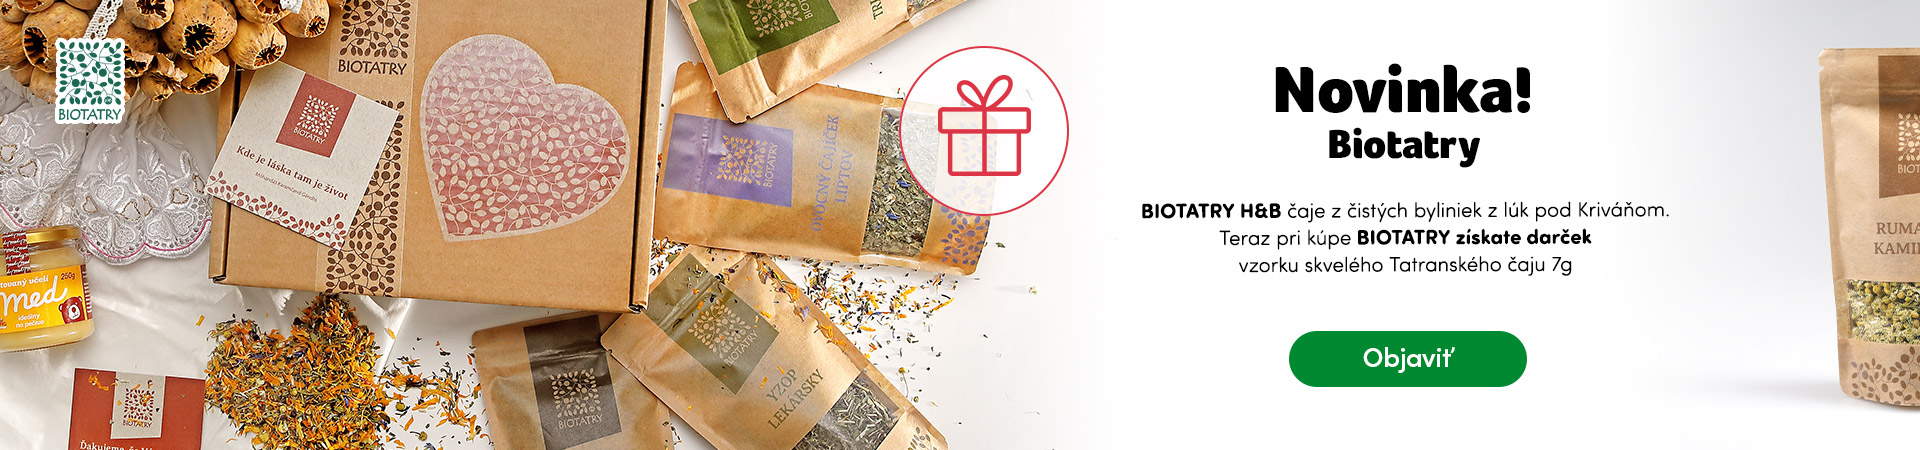 Novinka Biotatry plus darček